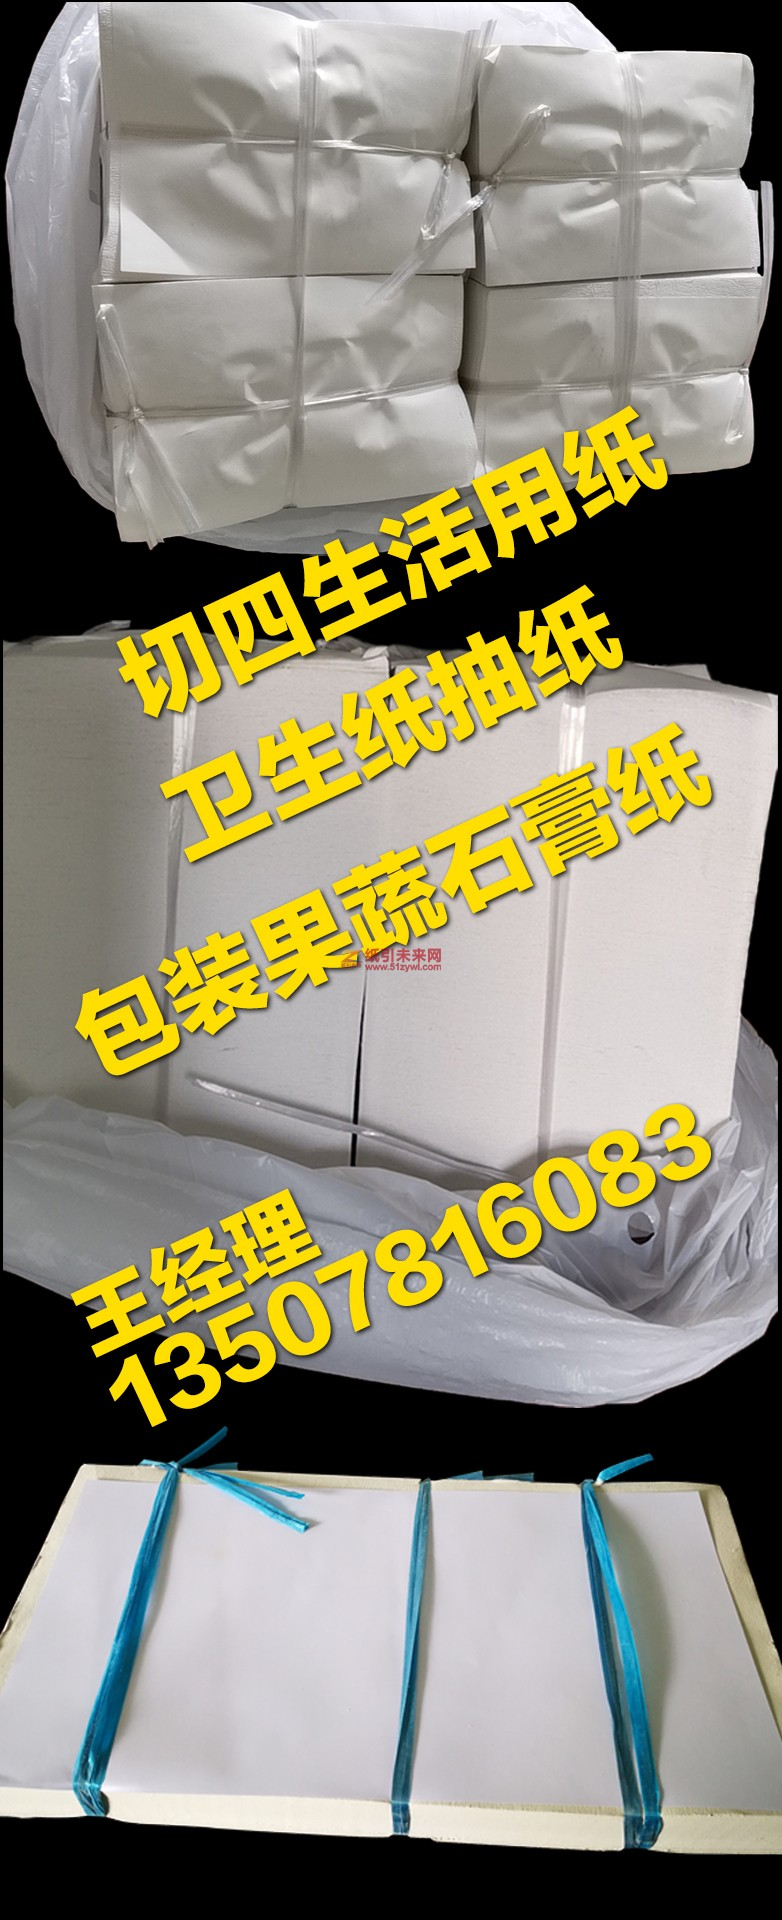 王经理 13507816083 生活纸